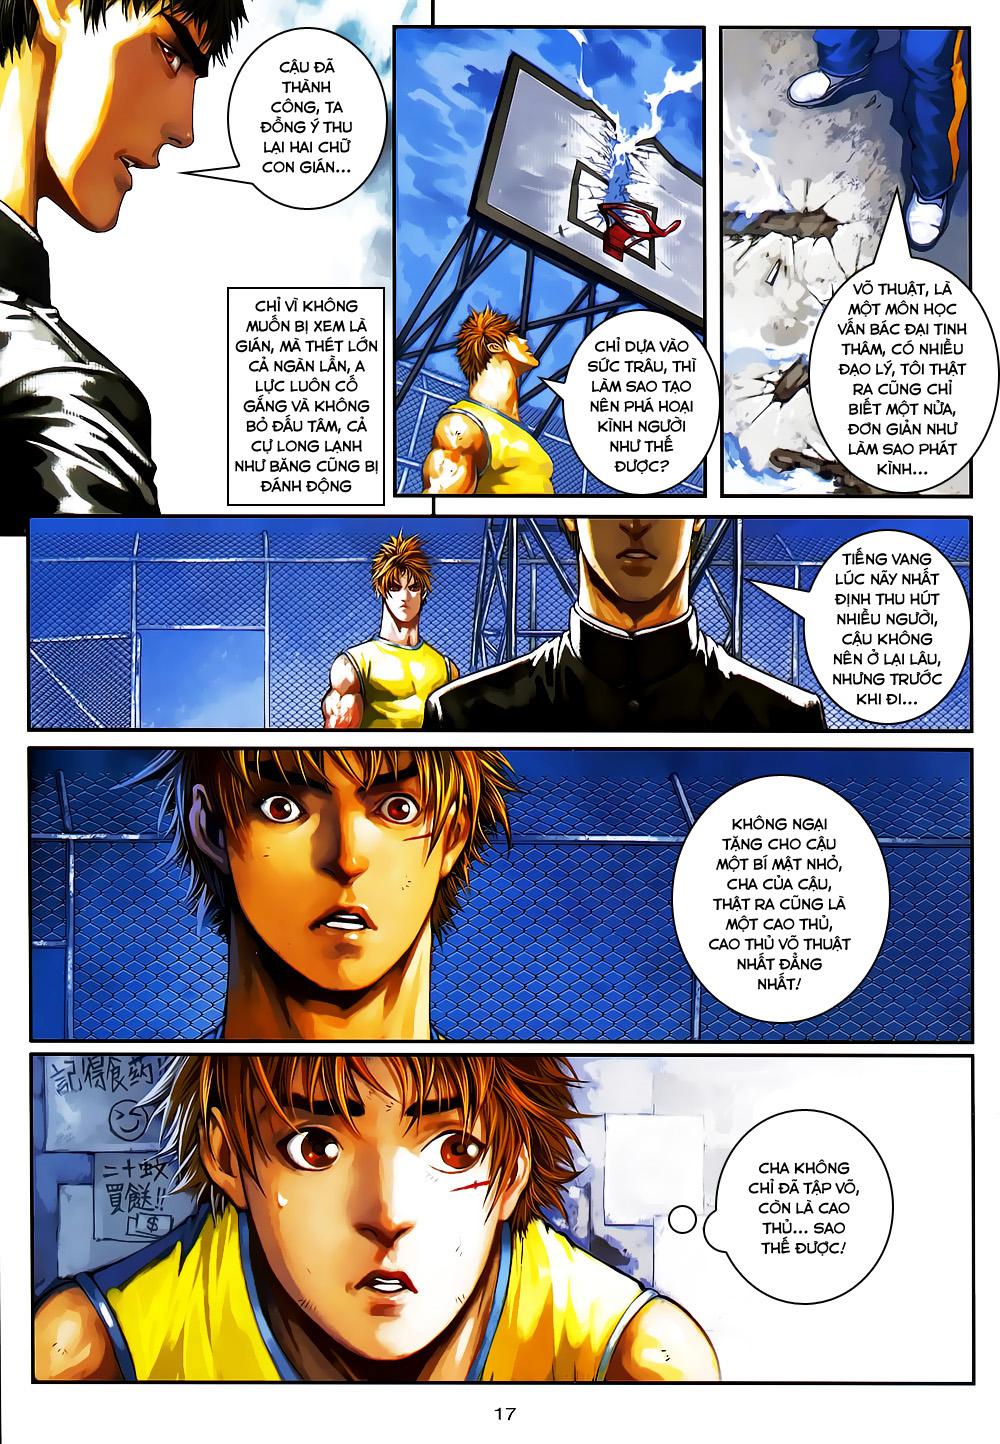 Quyền Đạo chapter 5 trang 17